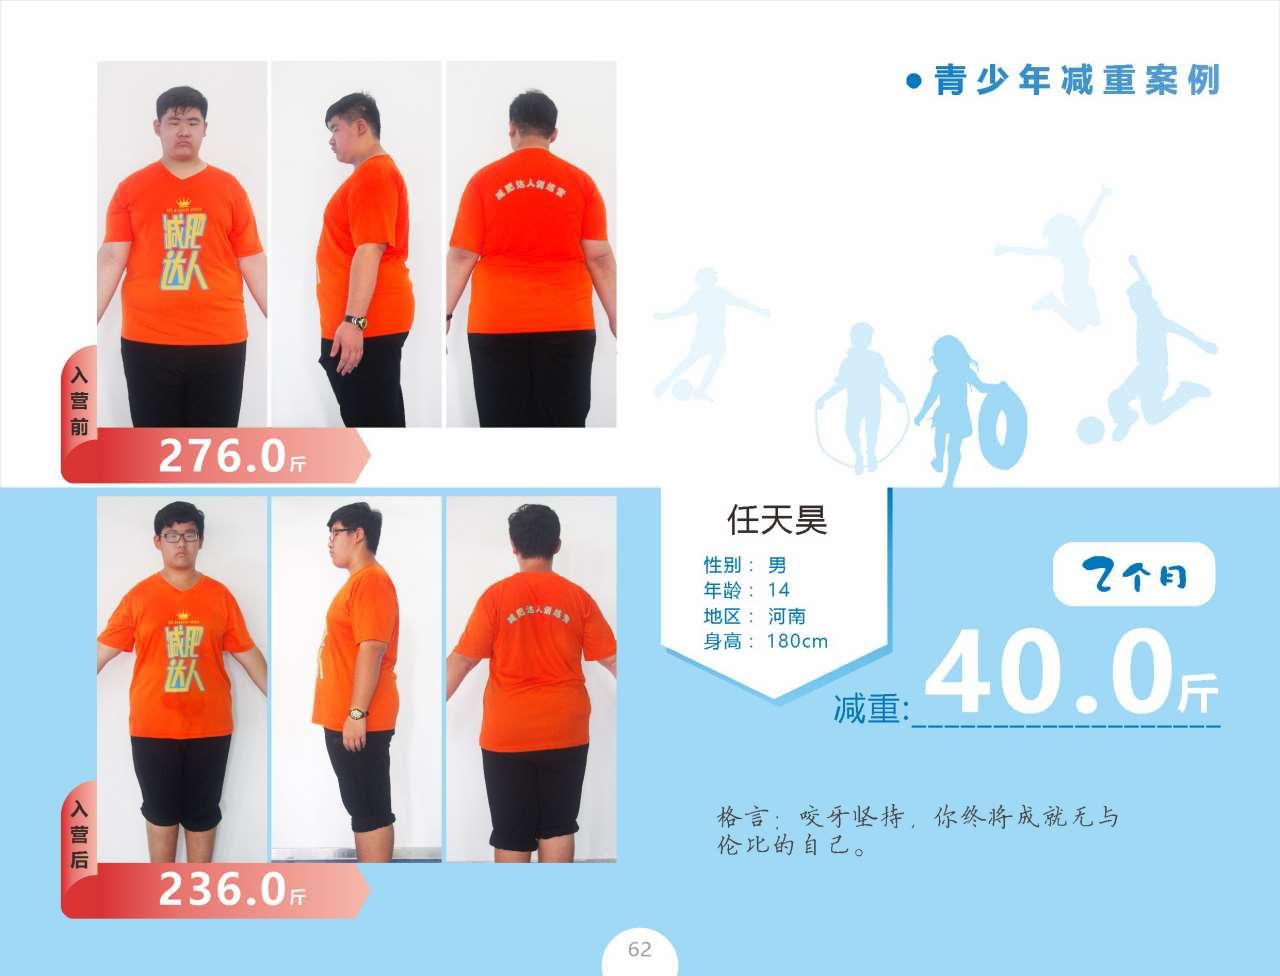 青少年减肥案例任天昊减重40.0斤